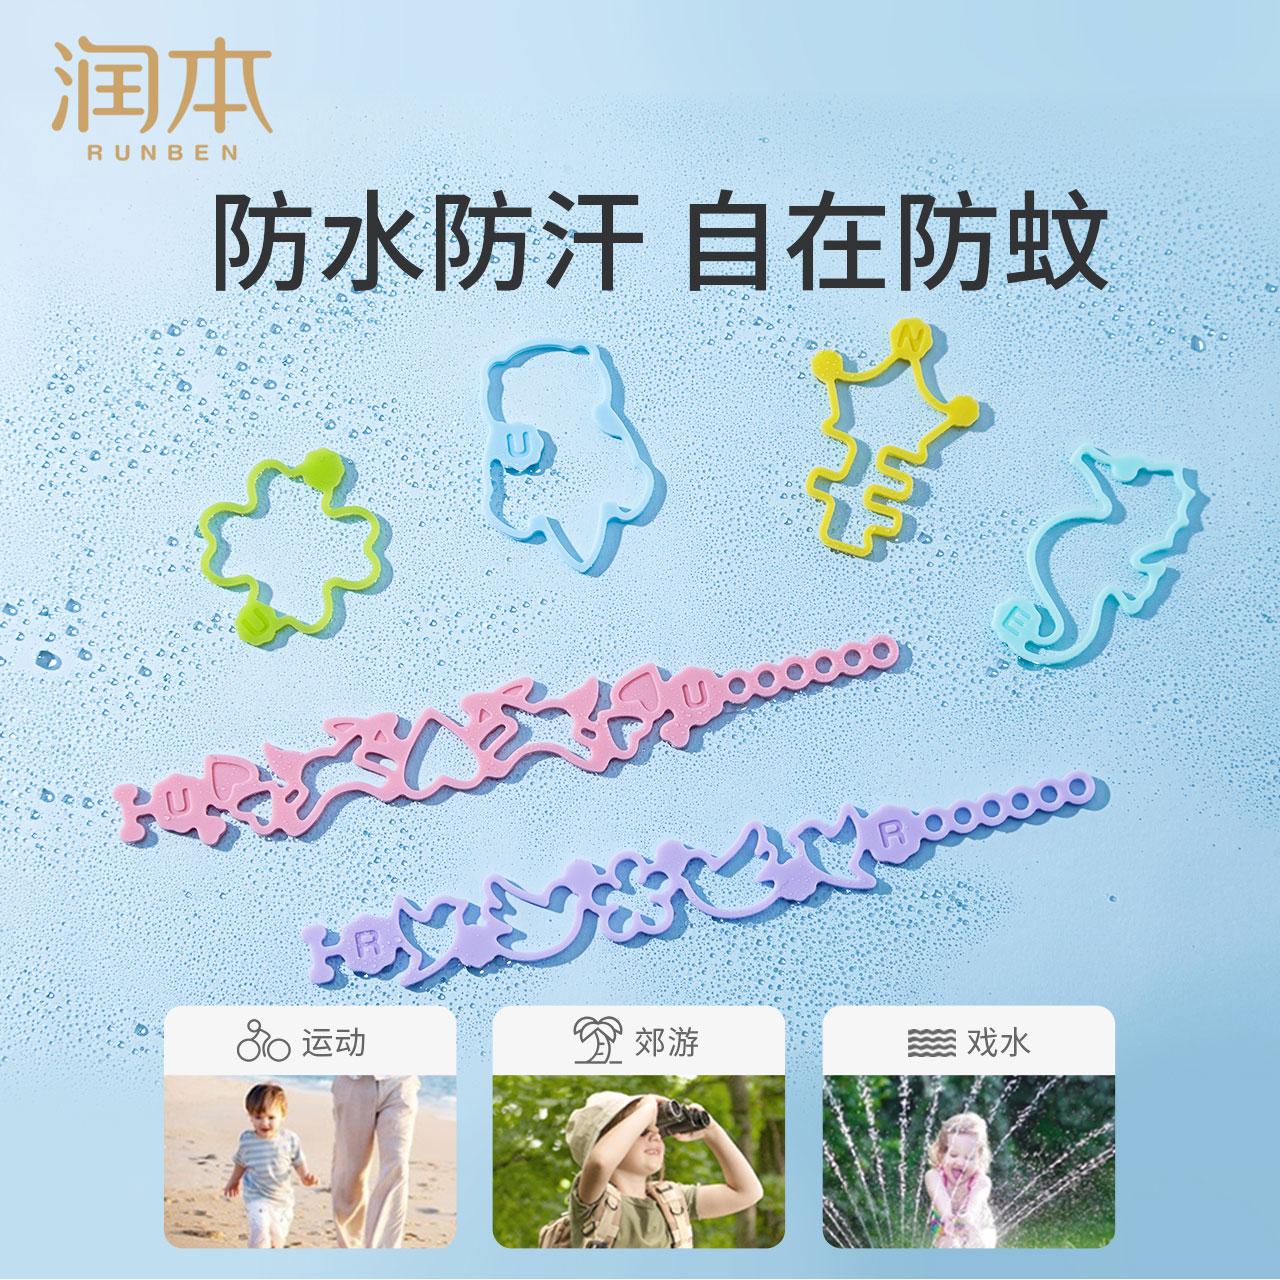 润本 户外驱蚊手环 防蚊手圈 30条*2袋 双重优惠折后¥29.9包邮